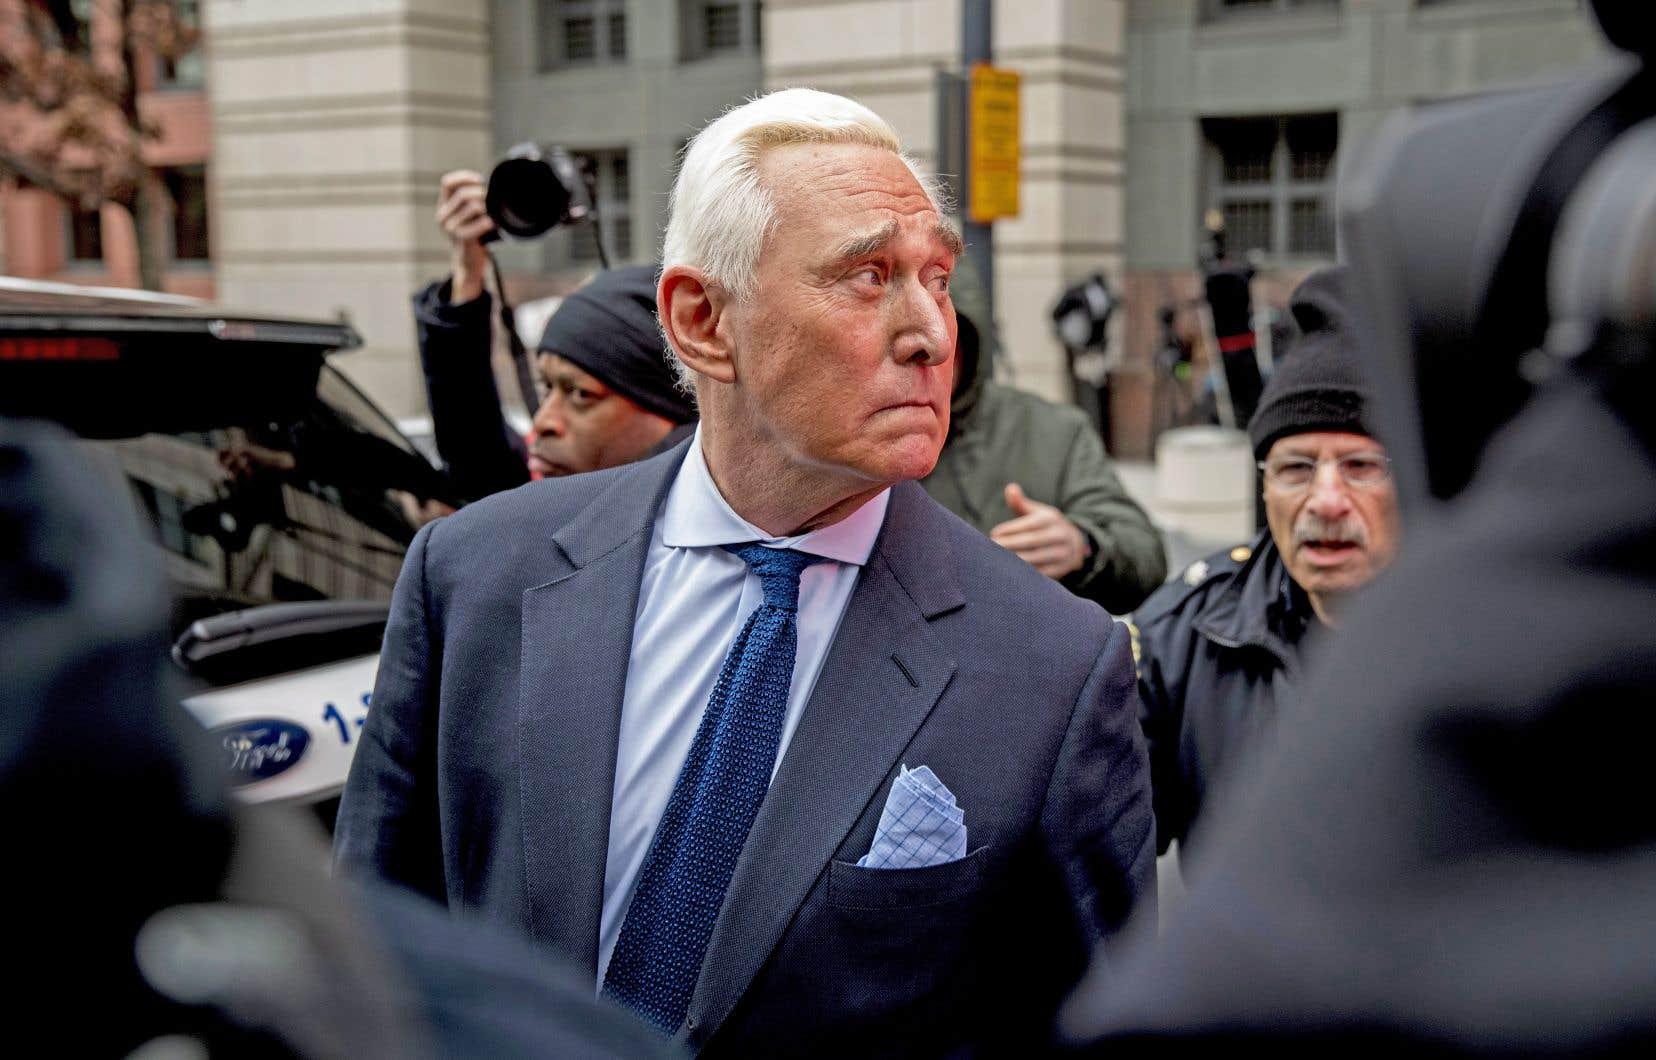 Inculpé notamment de parjure et de subornation de témoin, l'ancien proche conseiller de Trump, Roger Stone, crie au complot politique.